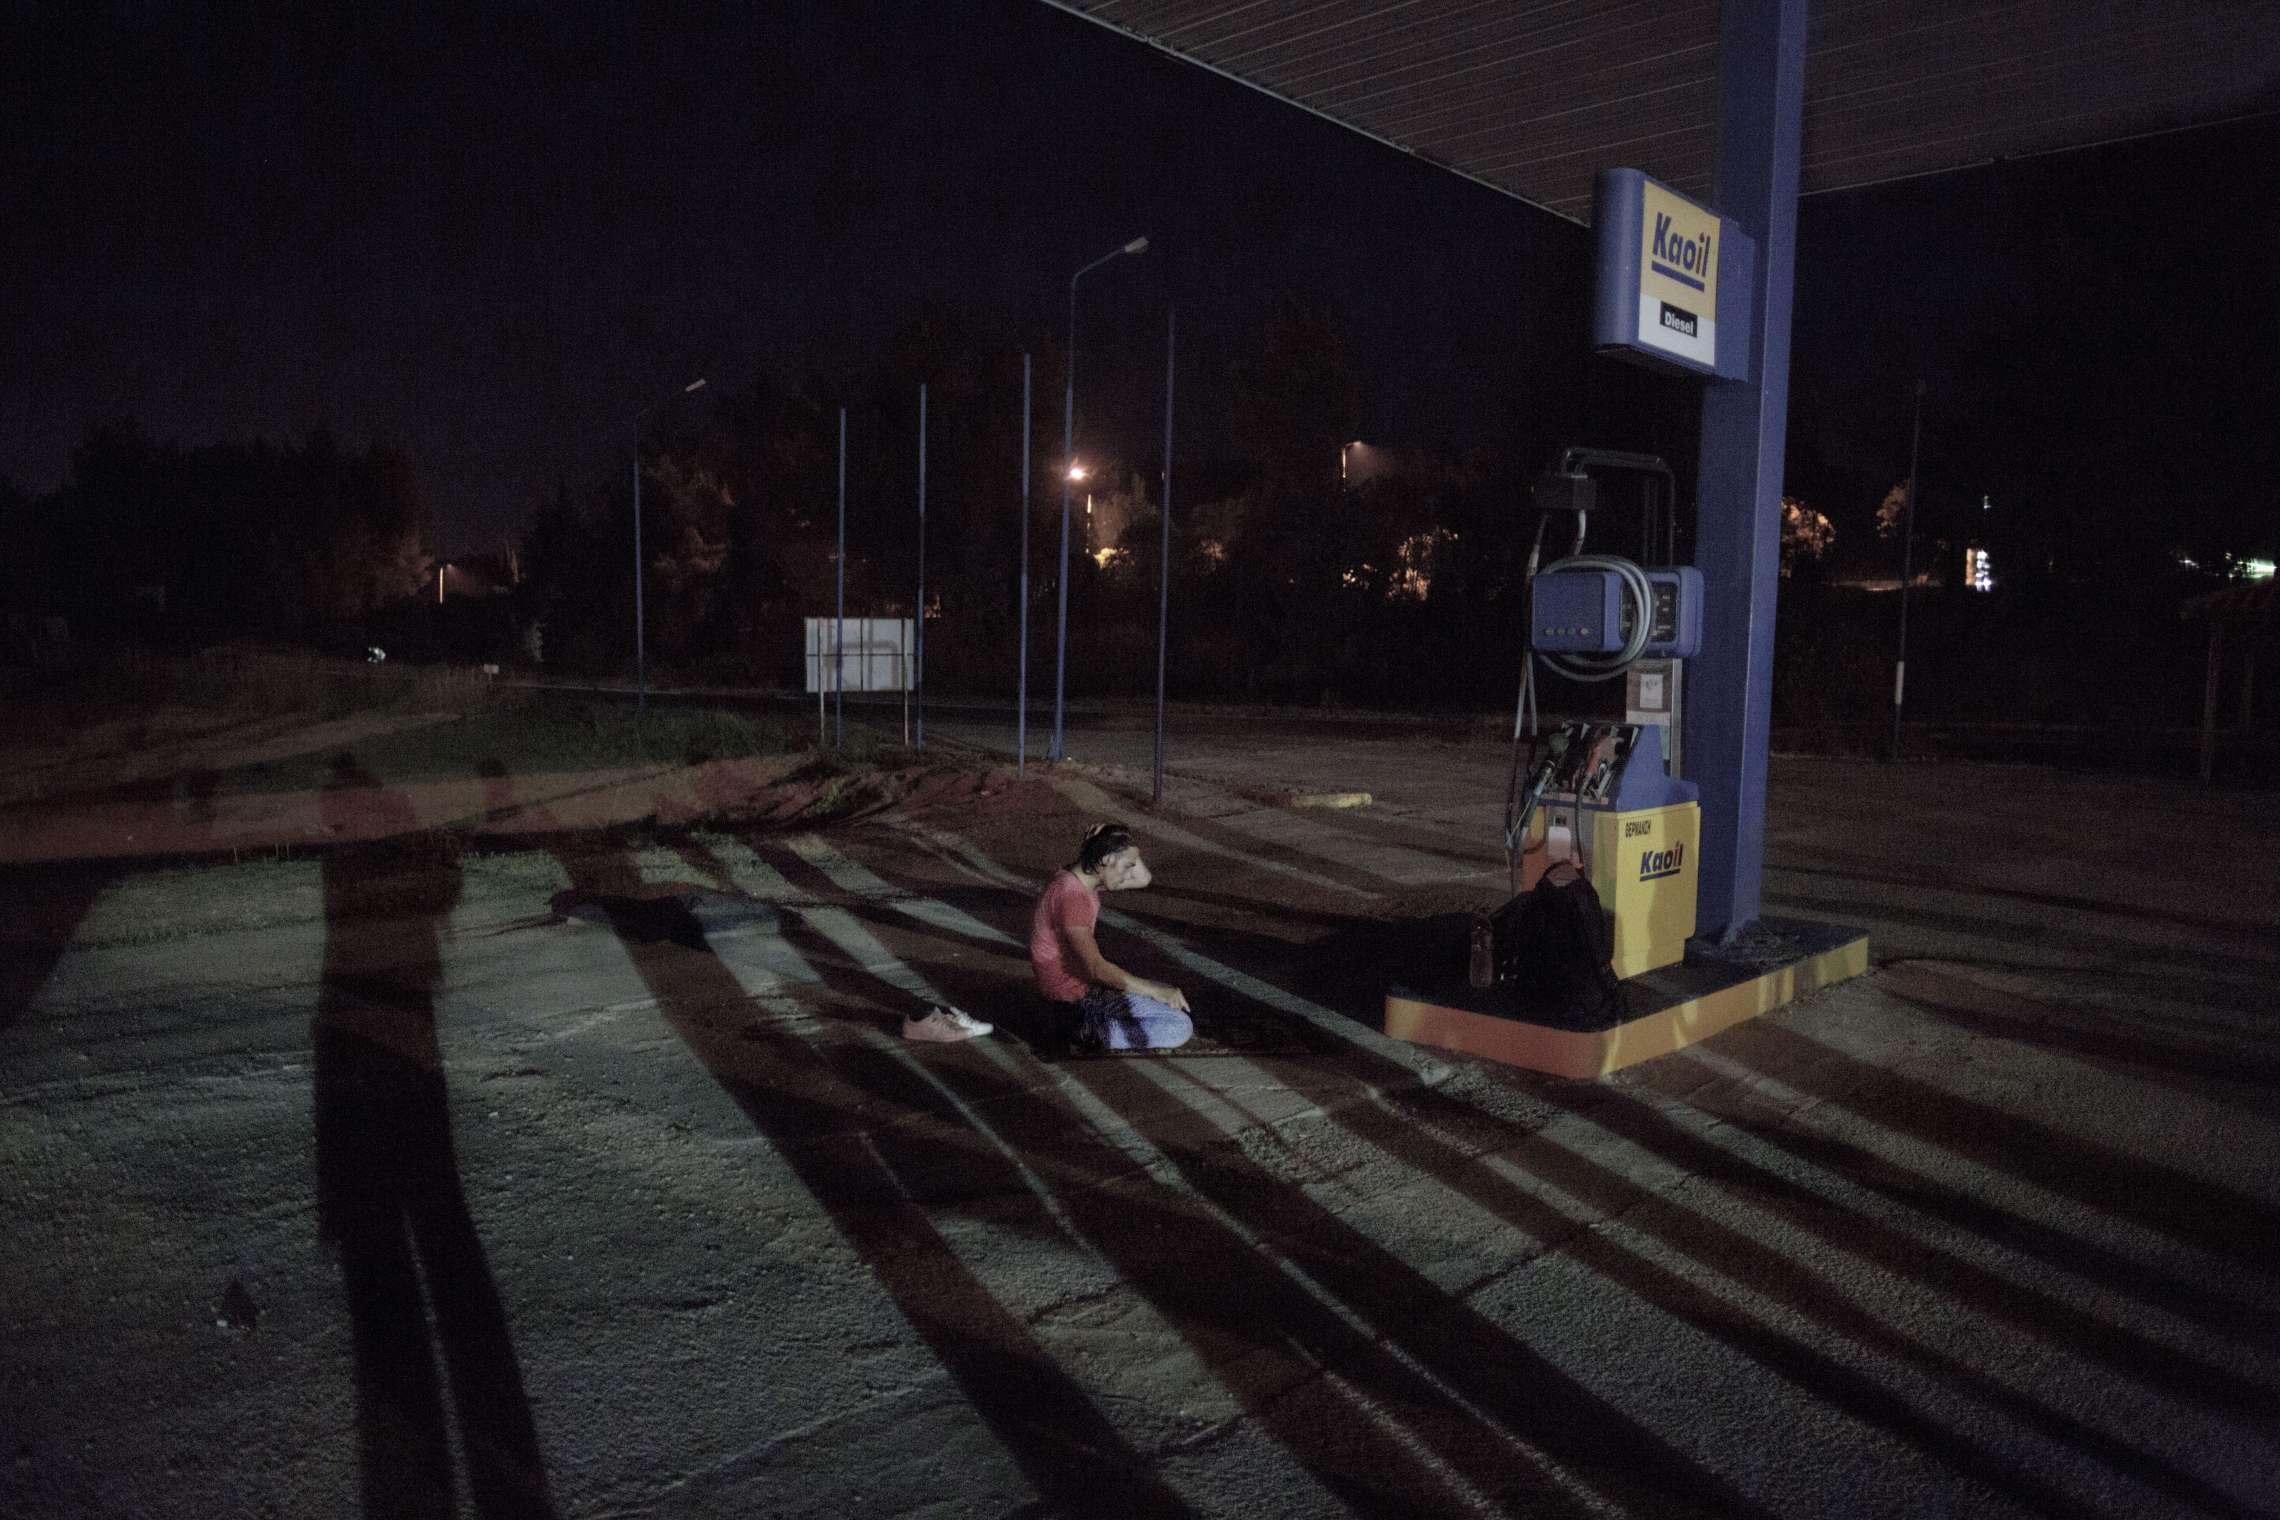 00619 08. Dokumentar utland 05.08.2015 06/10 Flukten til Europa En ung mann ber på bensinstasjonen ved byen Evzonoi i Hellas, rett ved grensen til Makedonia, før han sammen med andre flyktninger skal krysse grensen til fots. Hundrevis av flyktninger ankommer hver natt for å fortsette ferden mot nord-Europa. Over en million flyktninger har kommet til Europa i 2015 via sjøveien, en stor andel av dem syrere som rømmer fra den brutale borgerkrigen i deres hjemland. De aller fleste av dem har fulgt ruten gjennom Tyrkia, Hellas, Balkan til nord-Europa. Tusener har omkommet i overfylte båter på Middelhavet, desperate flyktninger har levd i overfylte leire, europeiske myndigheter har stått overfor den største flyktningkrisen på kontinentet siden 2. verdenskrig. Krisen har skapt splittelse i EU, grensegjerder har blitt bygget, men mest av alt har den bragt de globale utfordringene inn på vår dørstokk. Jeg fulgte i flyktningene fotspor, fra grensen mellom Syria og Tyrkia, til Hellas, Makedonia, Serbia, Kroatia, Slovenia til Tyskland.